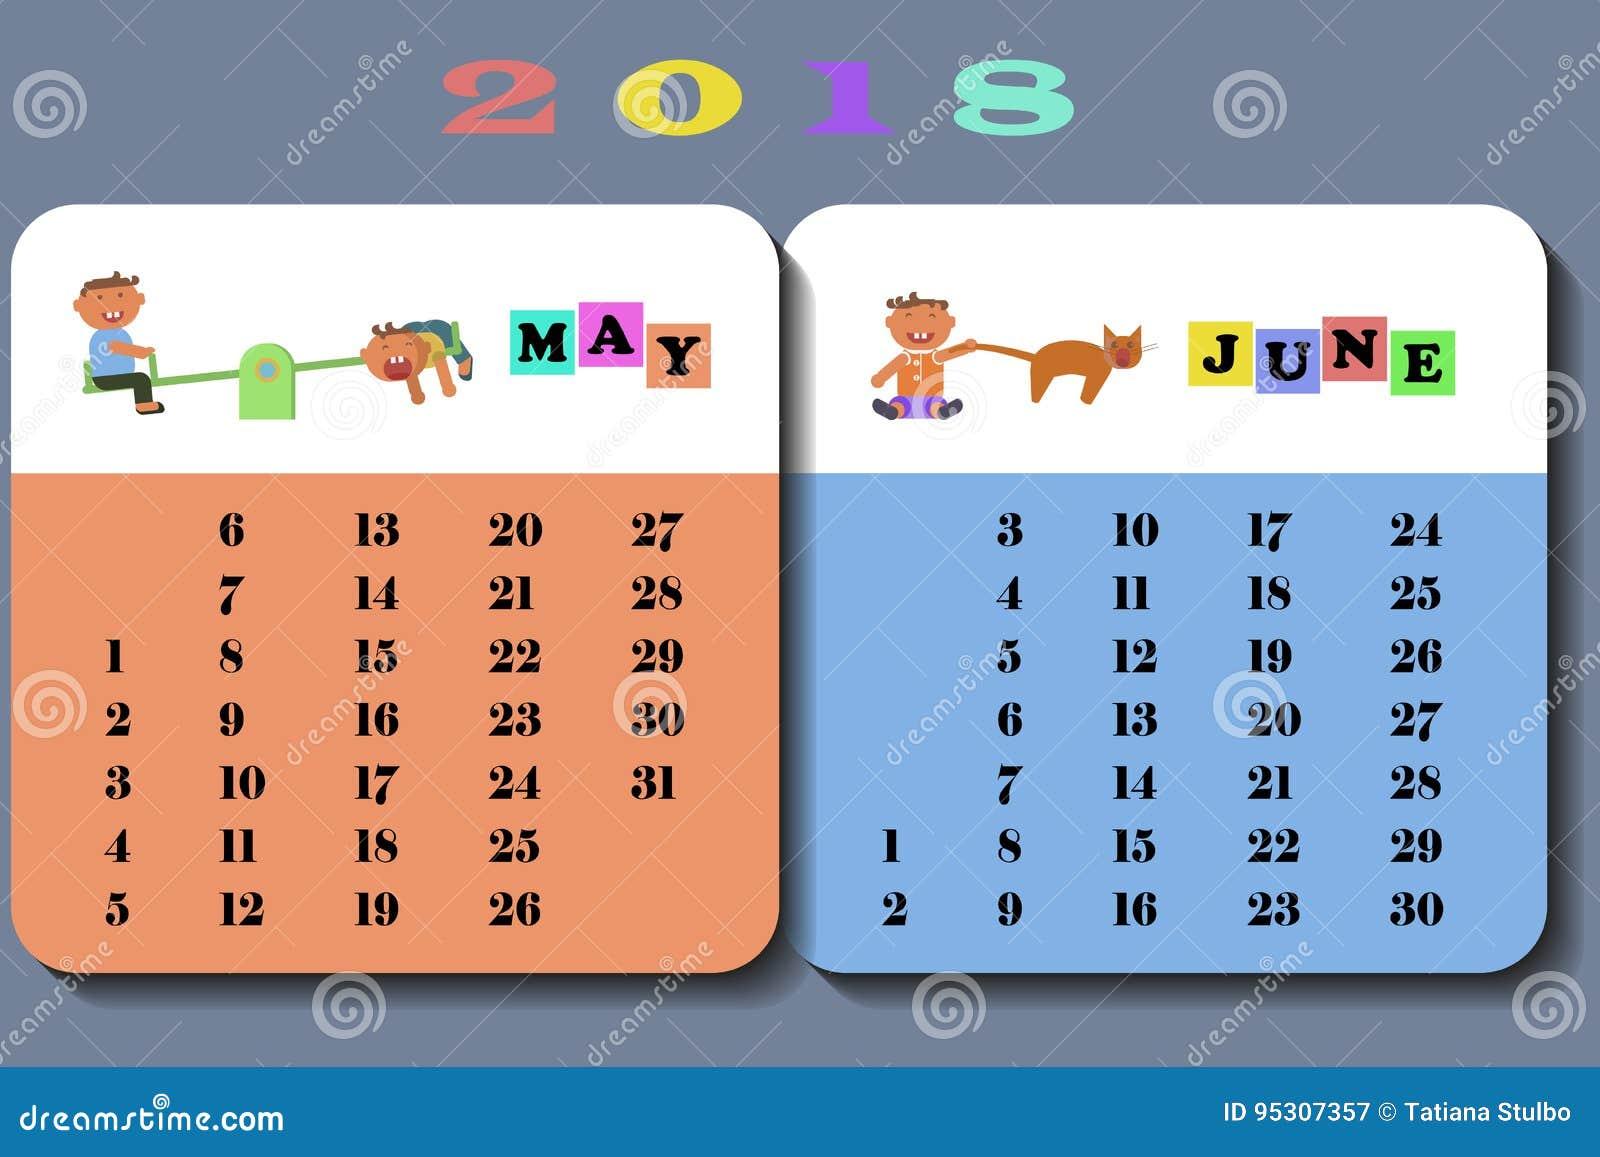 Xs Calendar May : Calendar with cute children stock vector